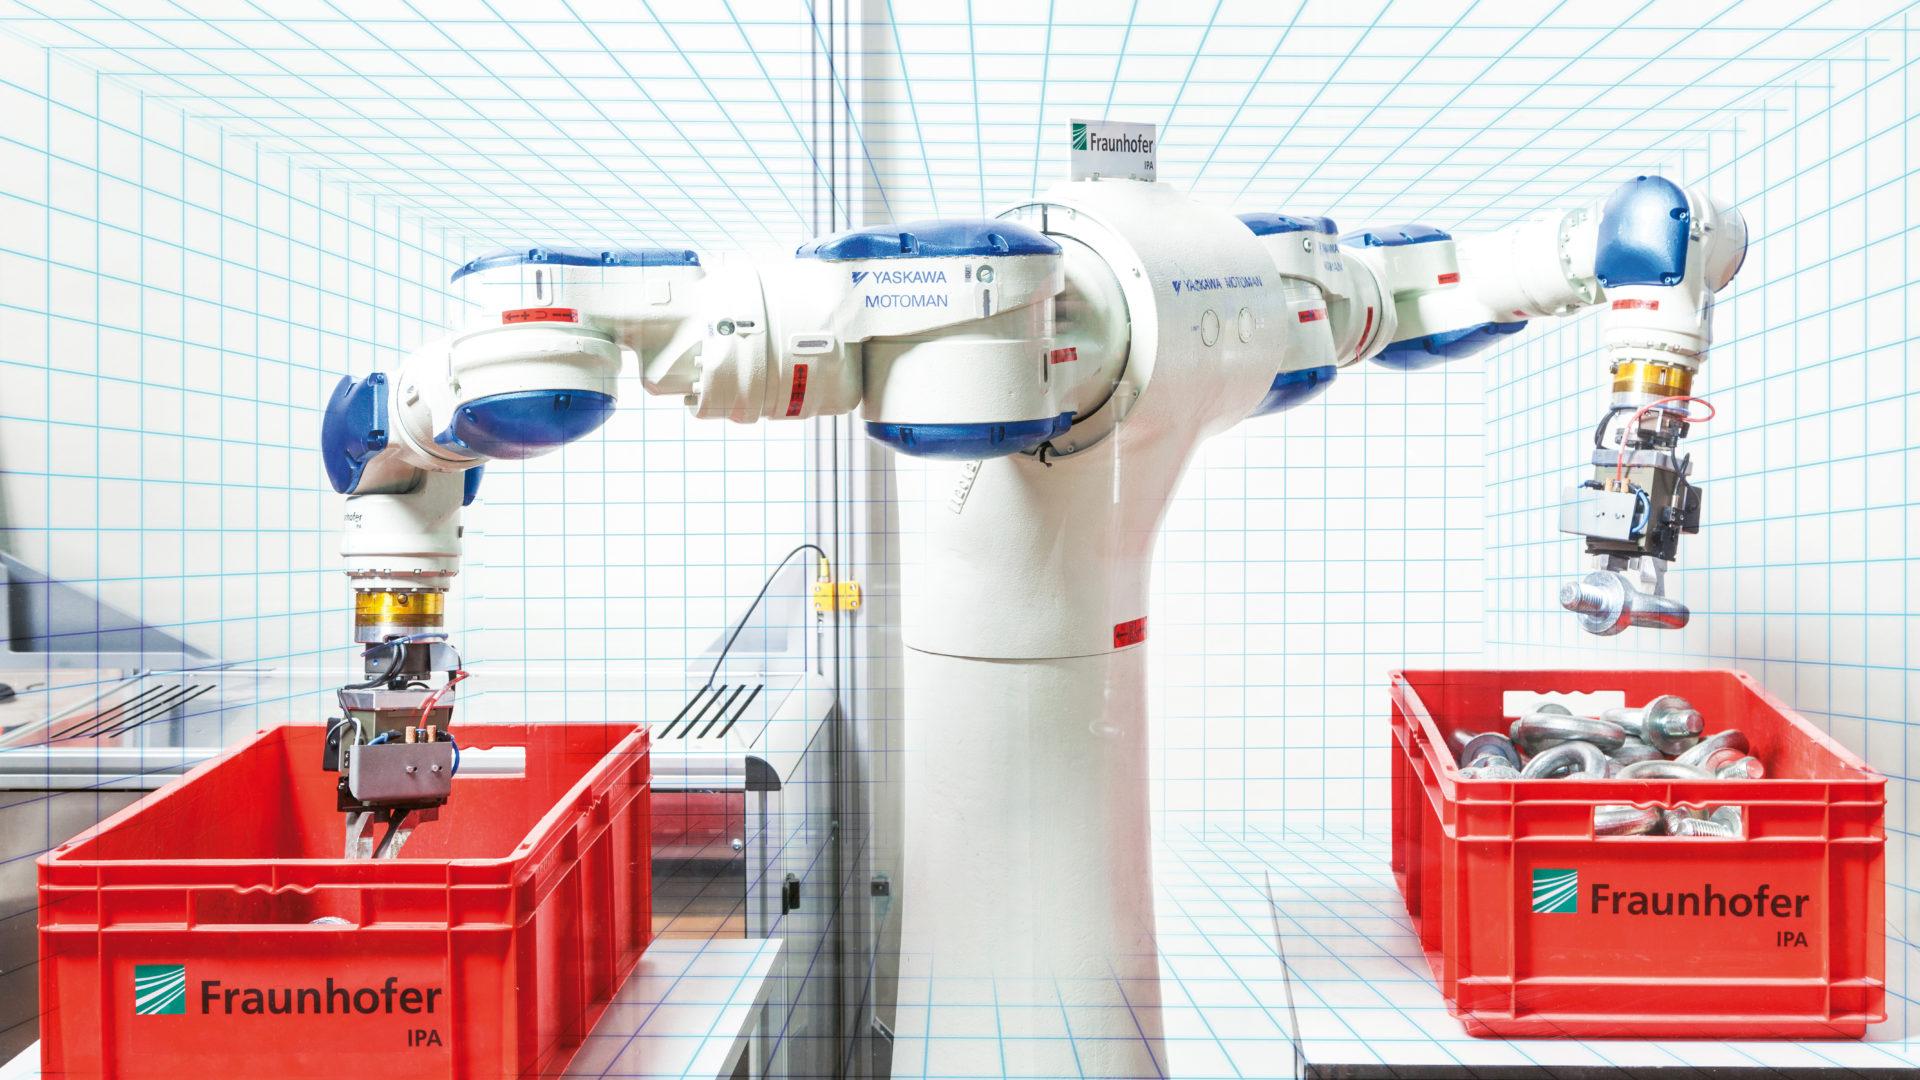 Roboter greift Bauteile aus einer Kiste